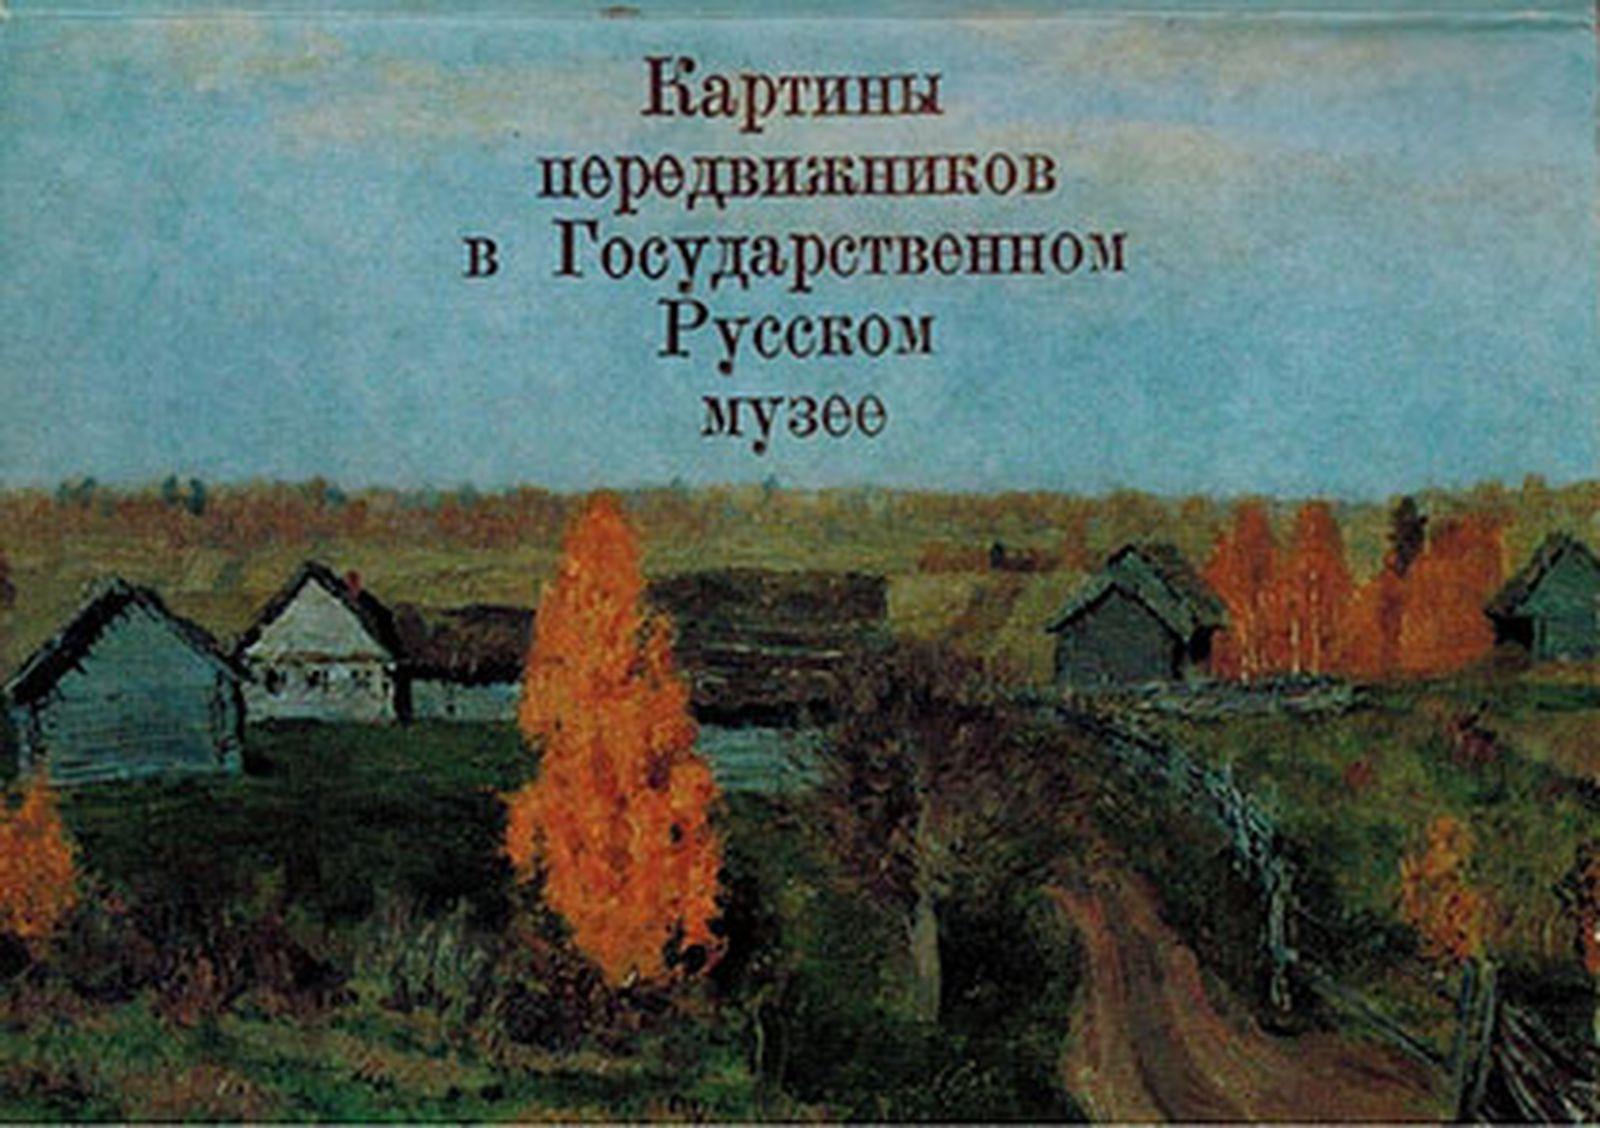 Картины передвижников в Государственном Русском музее. Выпуск 3 (набор из 16 открыток) недорого